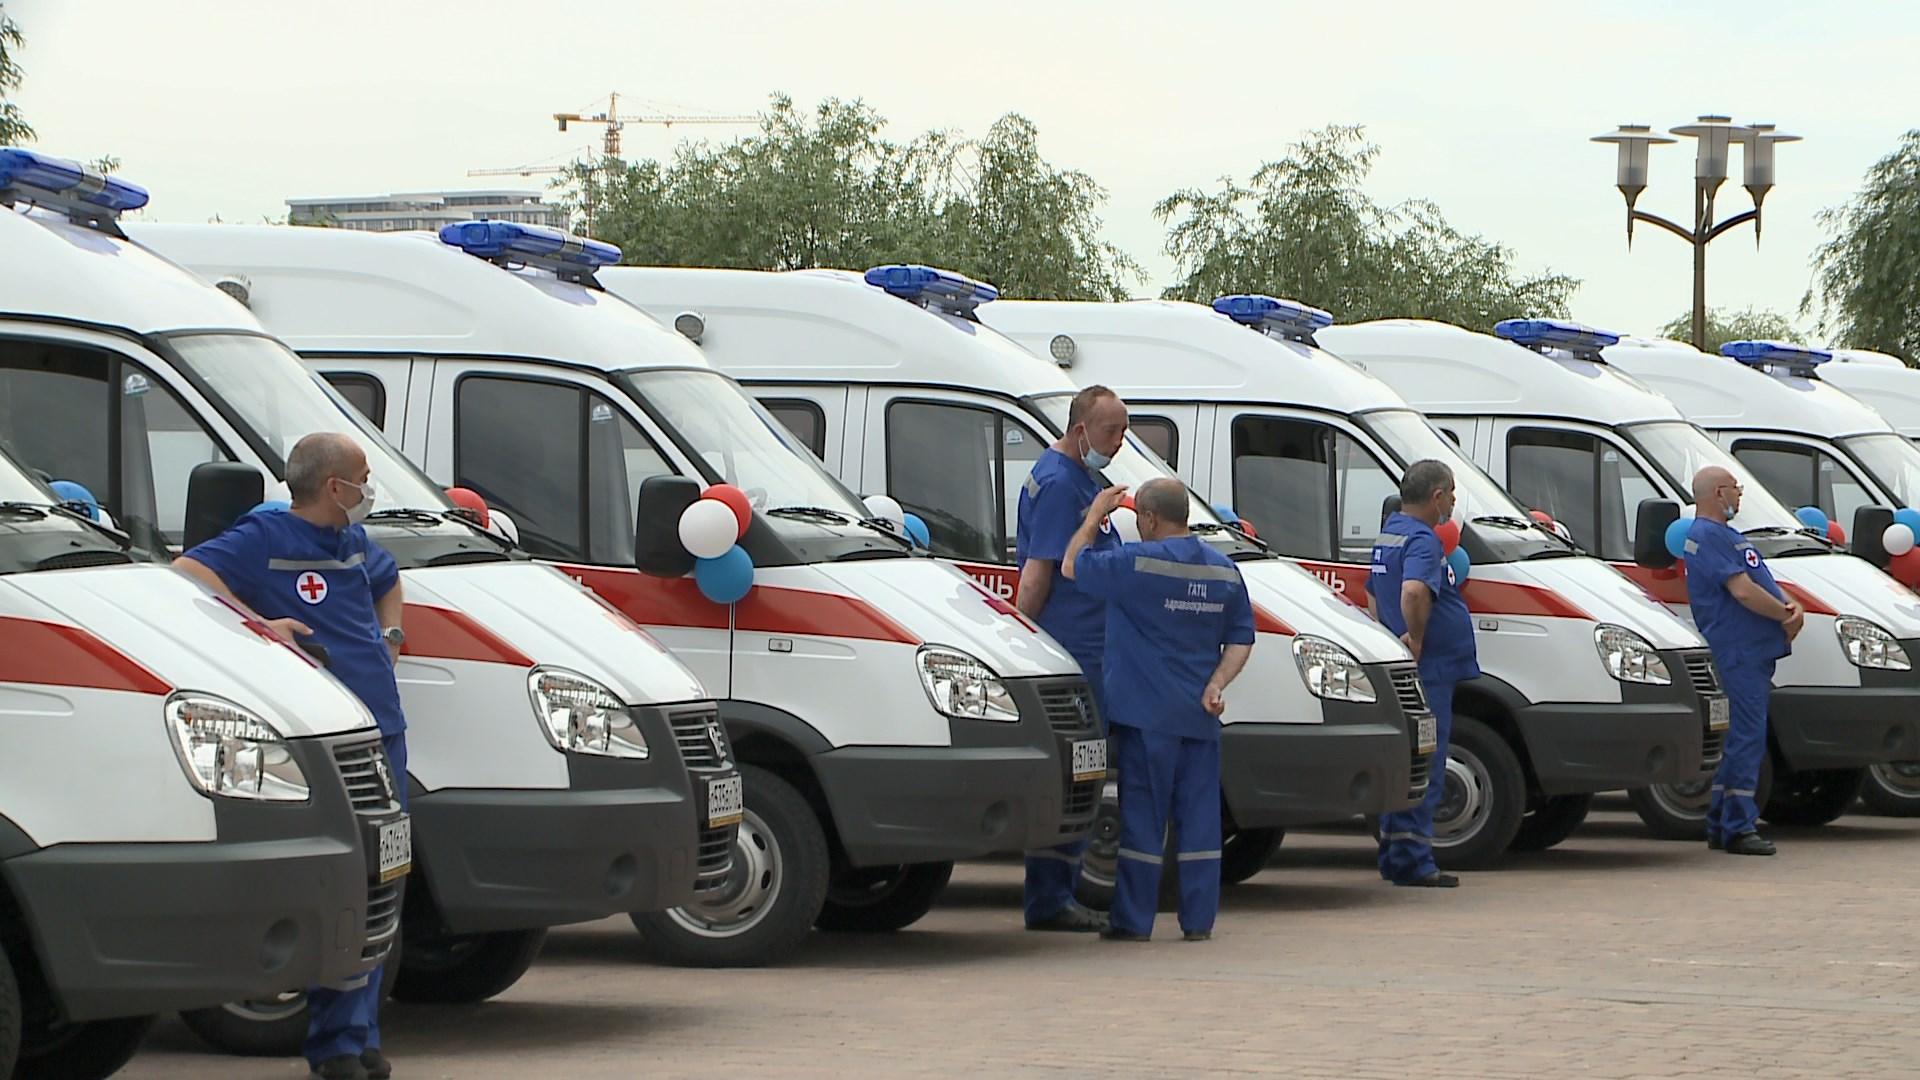 Автопарк машин скорой помощи обновили в Ростове-на-Дону